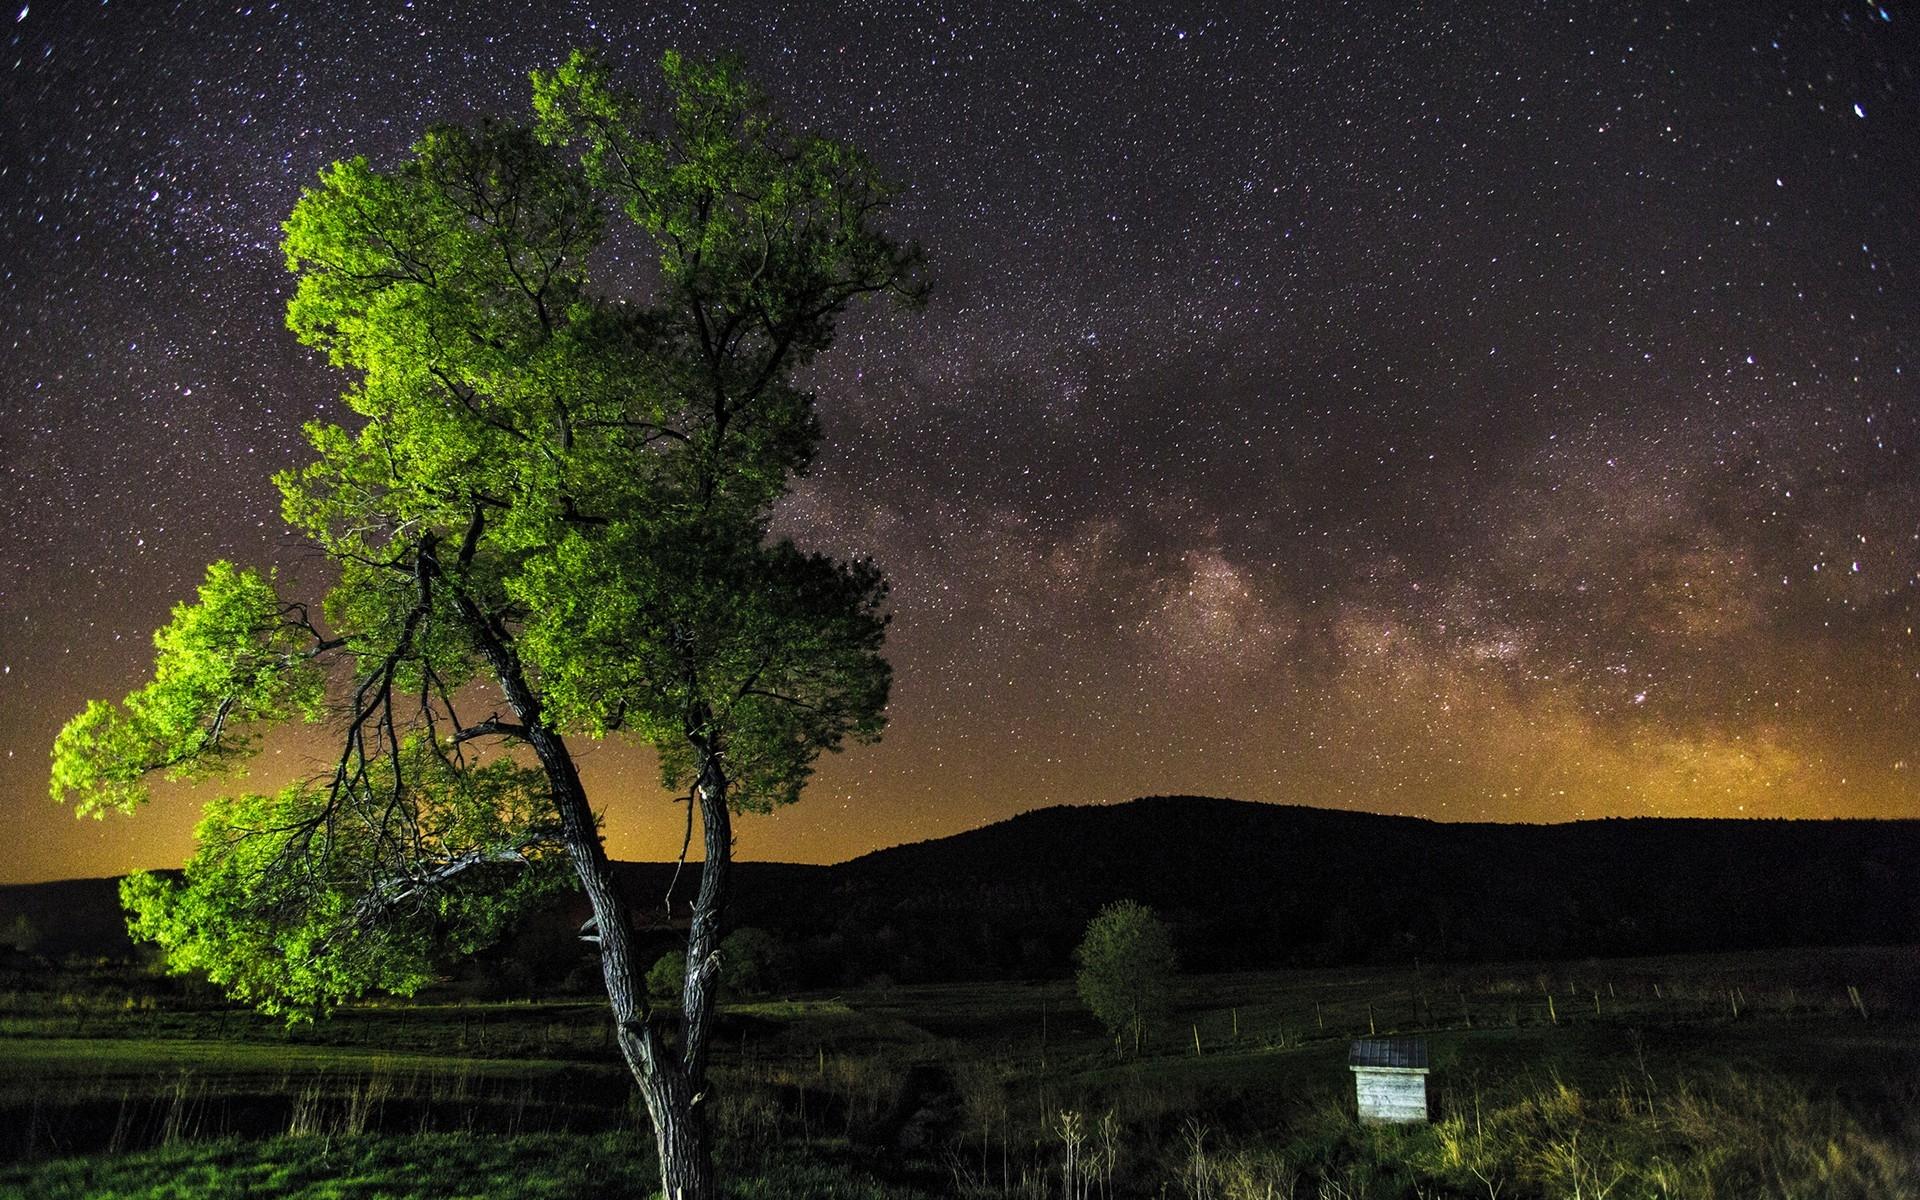 устанавливается картинки ночное небо и деревья происхождение фамилии головин